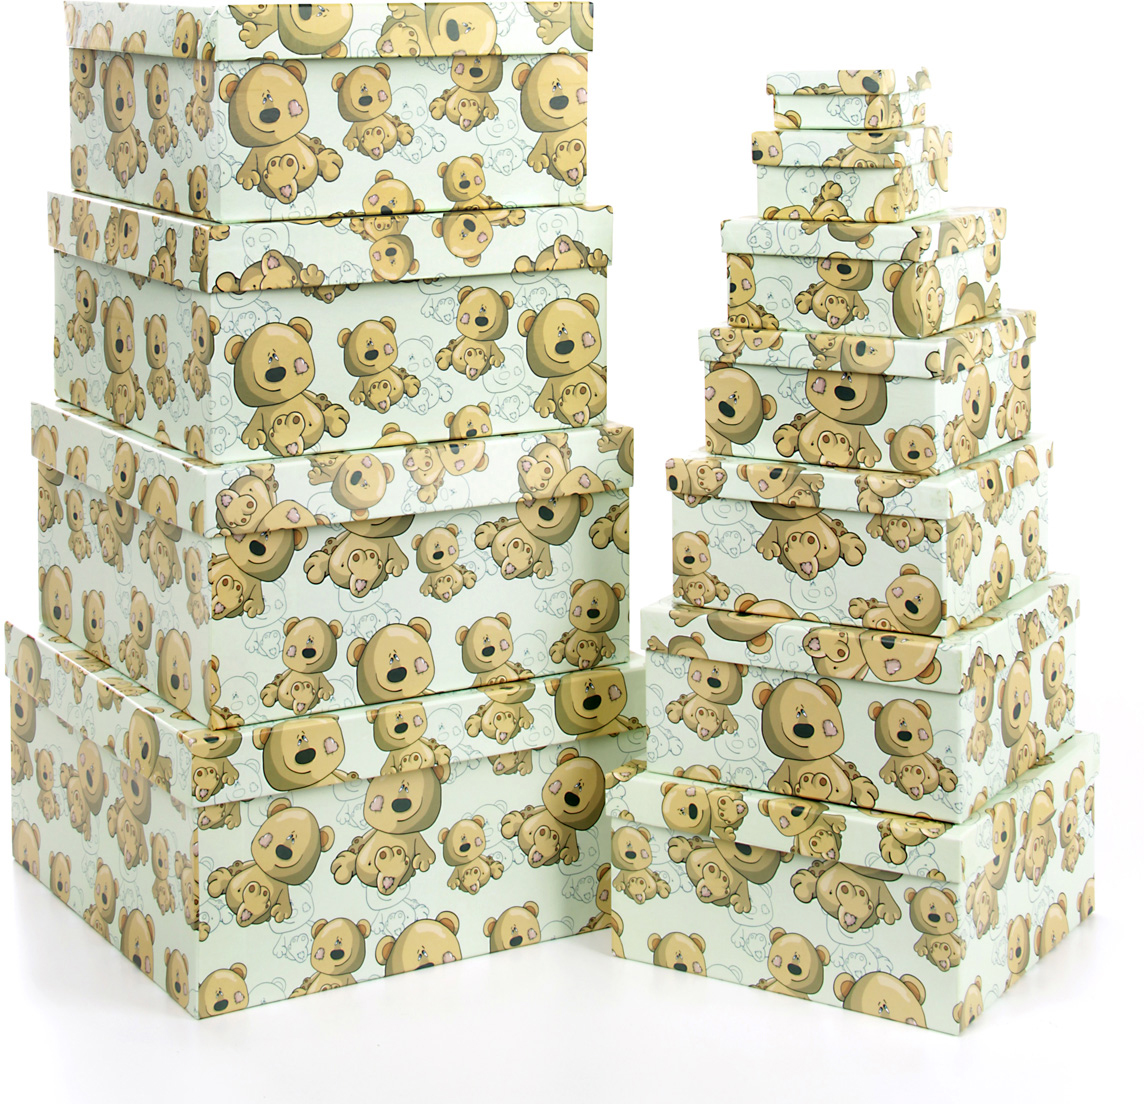 Набор подарочных коробок Veld-Co Плюшевый улыбака, 11 шт аксессуары veld co набор переводных татуировок черепа